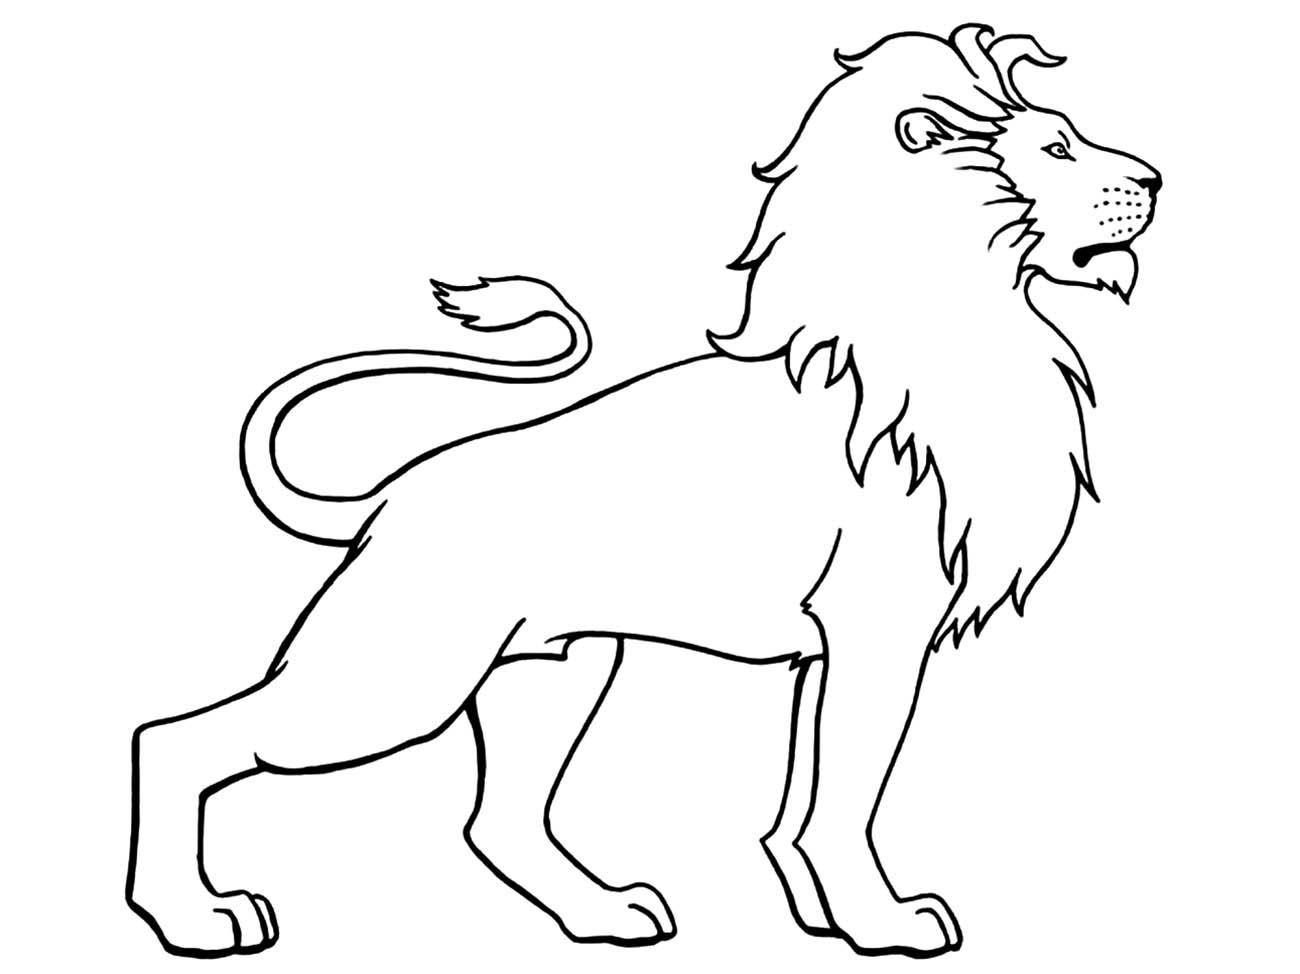 Lion debout - Coloriage de lions - Coloriages pour enfants